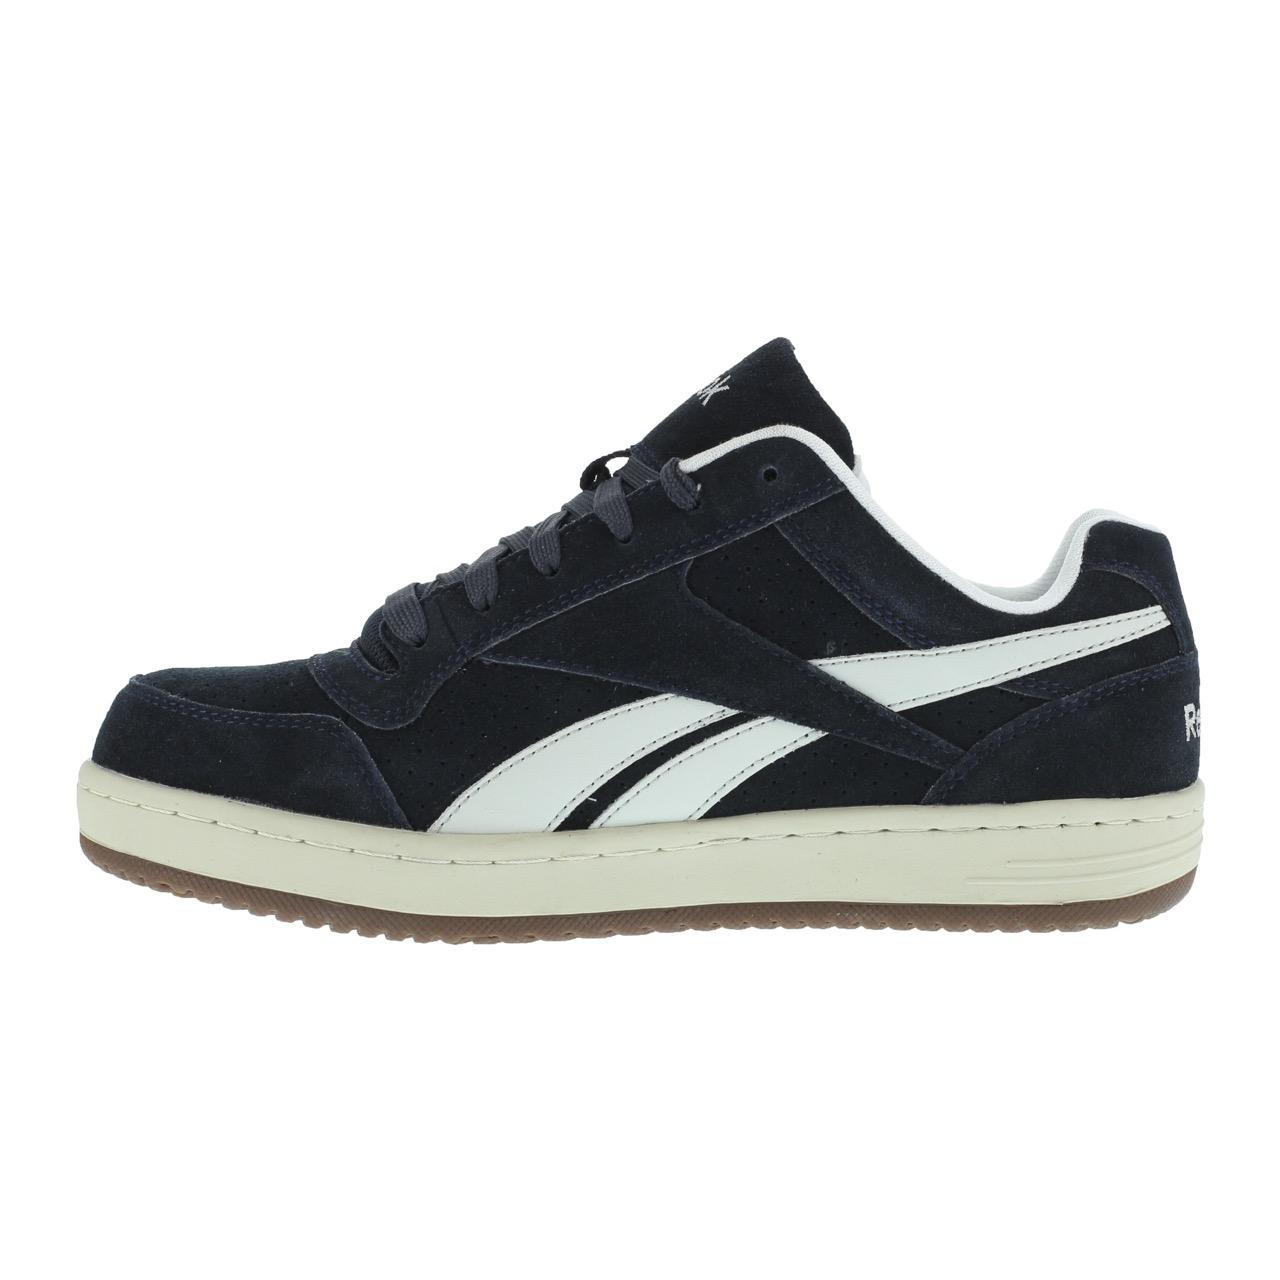 reebok suede skateboard shoes steel toe rb1920